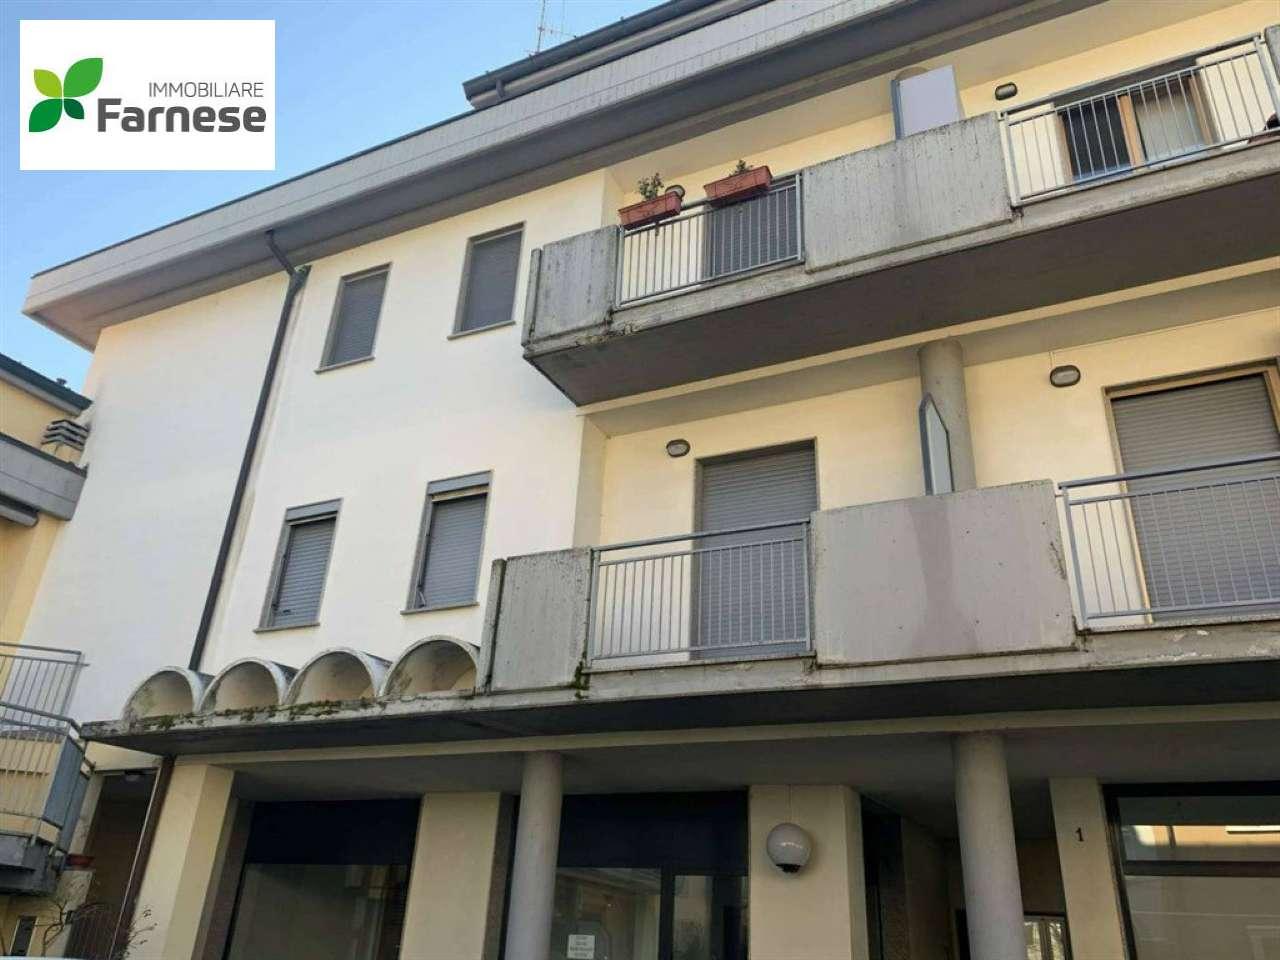 Appartamento in vendita a Gossolengo, 3 locali, prezzo € 125.000 | CambioCasa.it